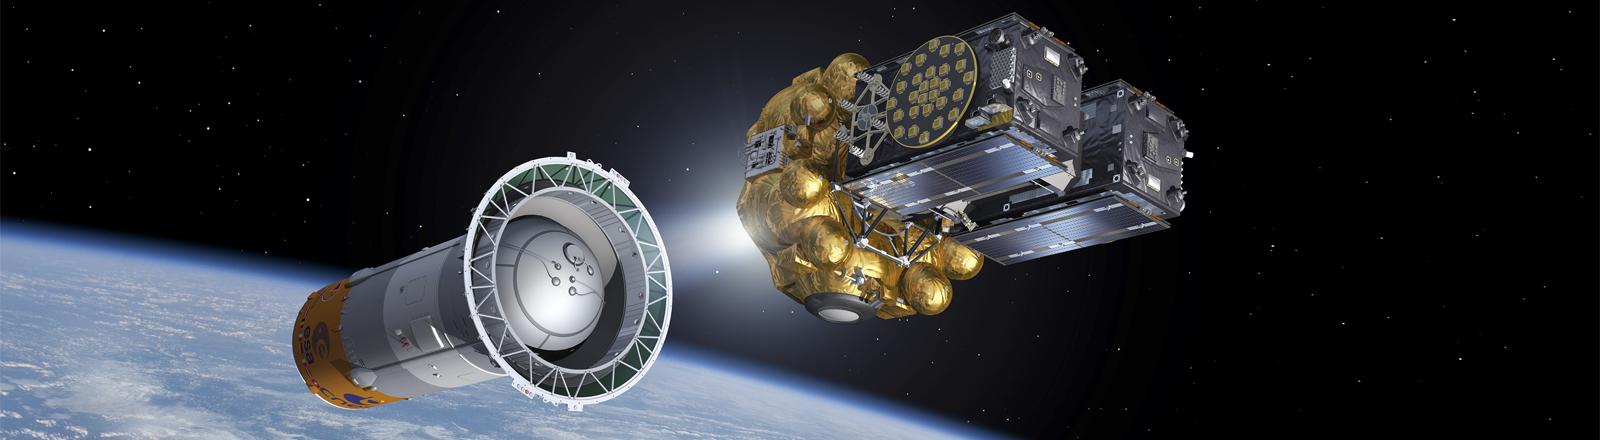 Satelliten 5 und 6 für EU-Navigationssystem Galileo.